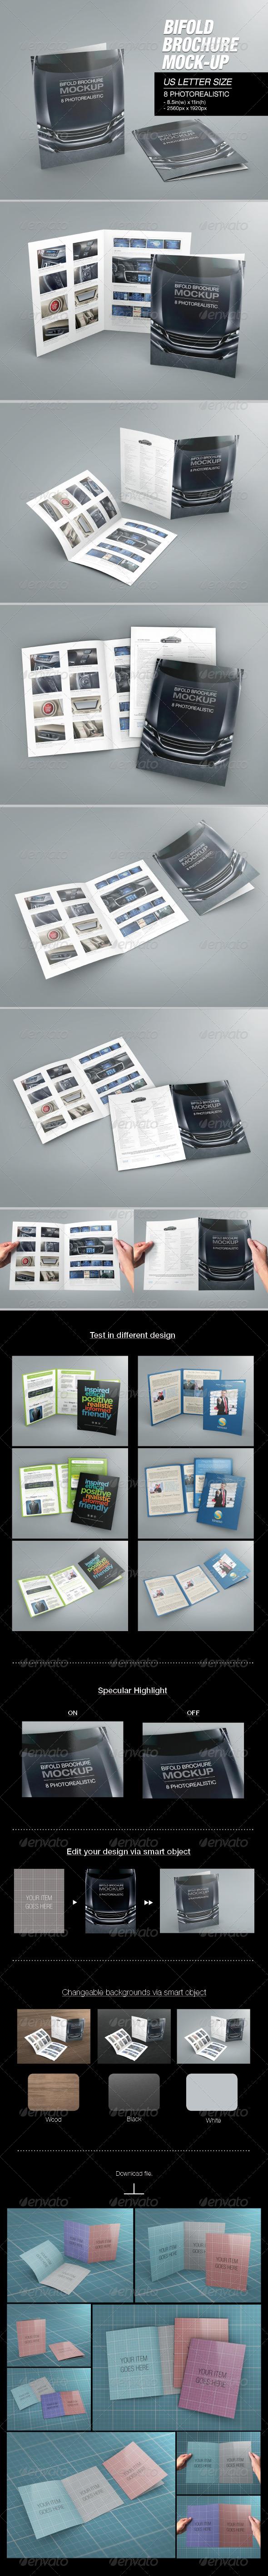 Bifold Brochure Mock-up 02 - Brochures Print